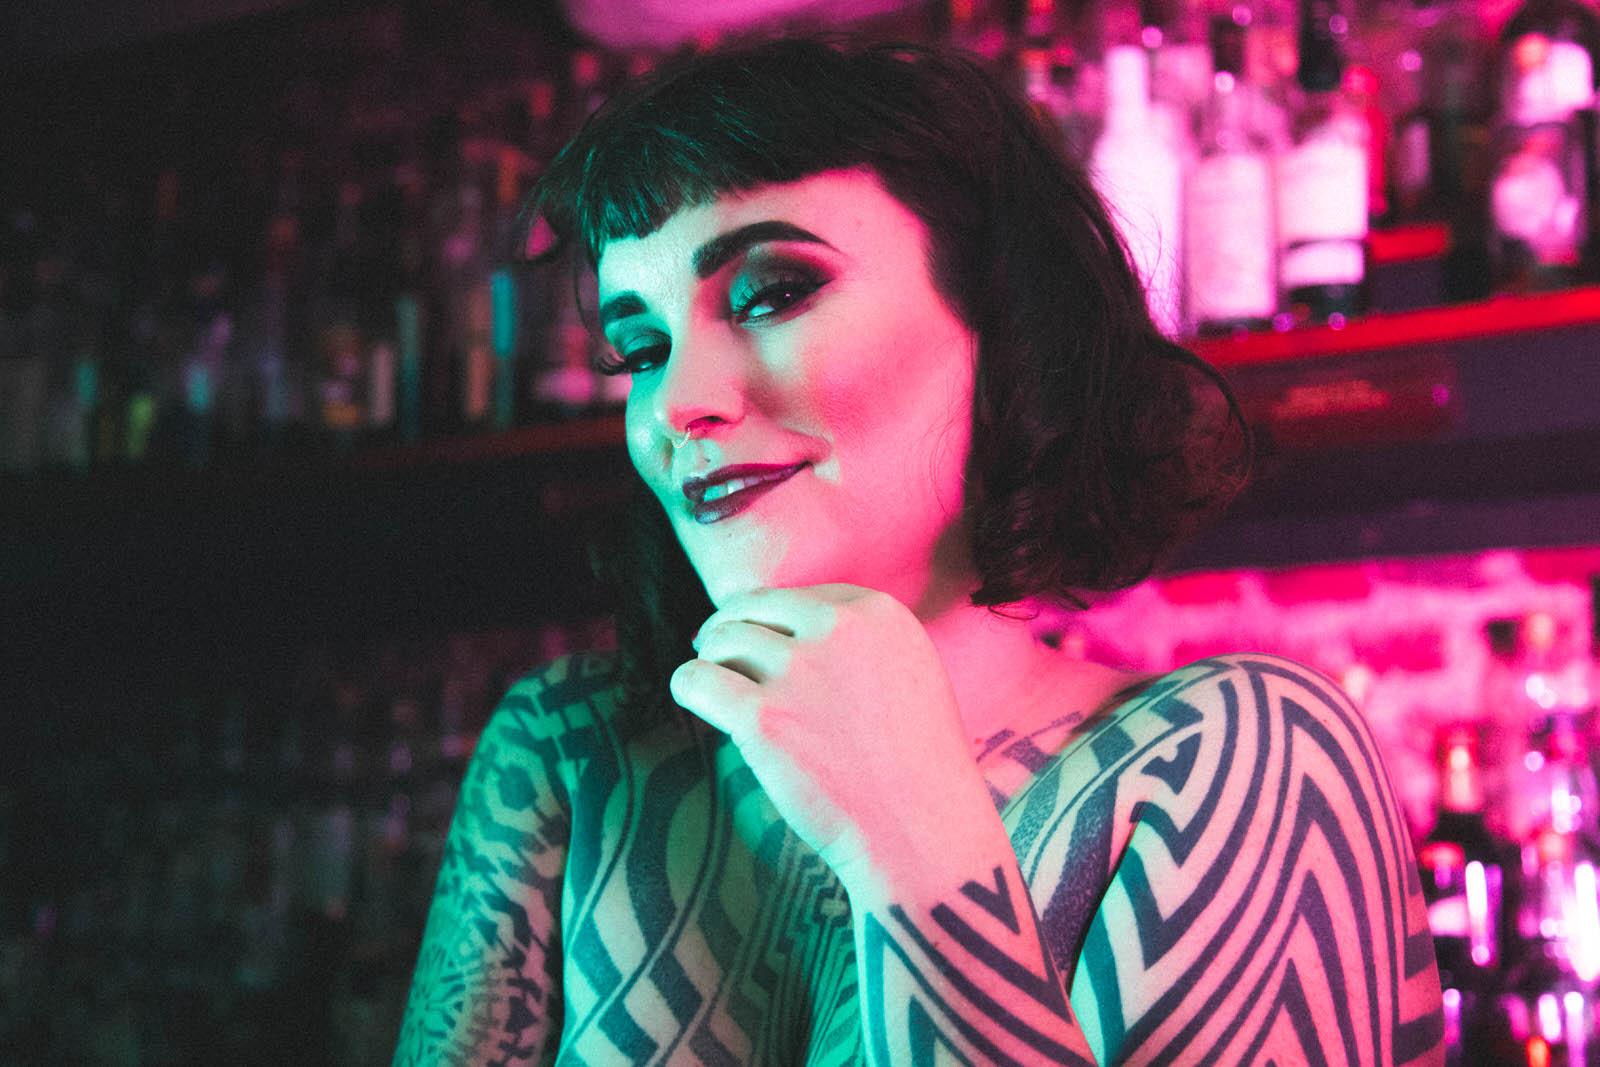 Sensual Dominant Mistress Tallula Darling Kink Escort Tattooed Luxury GFE